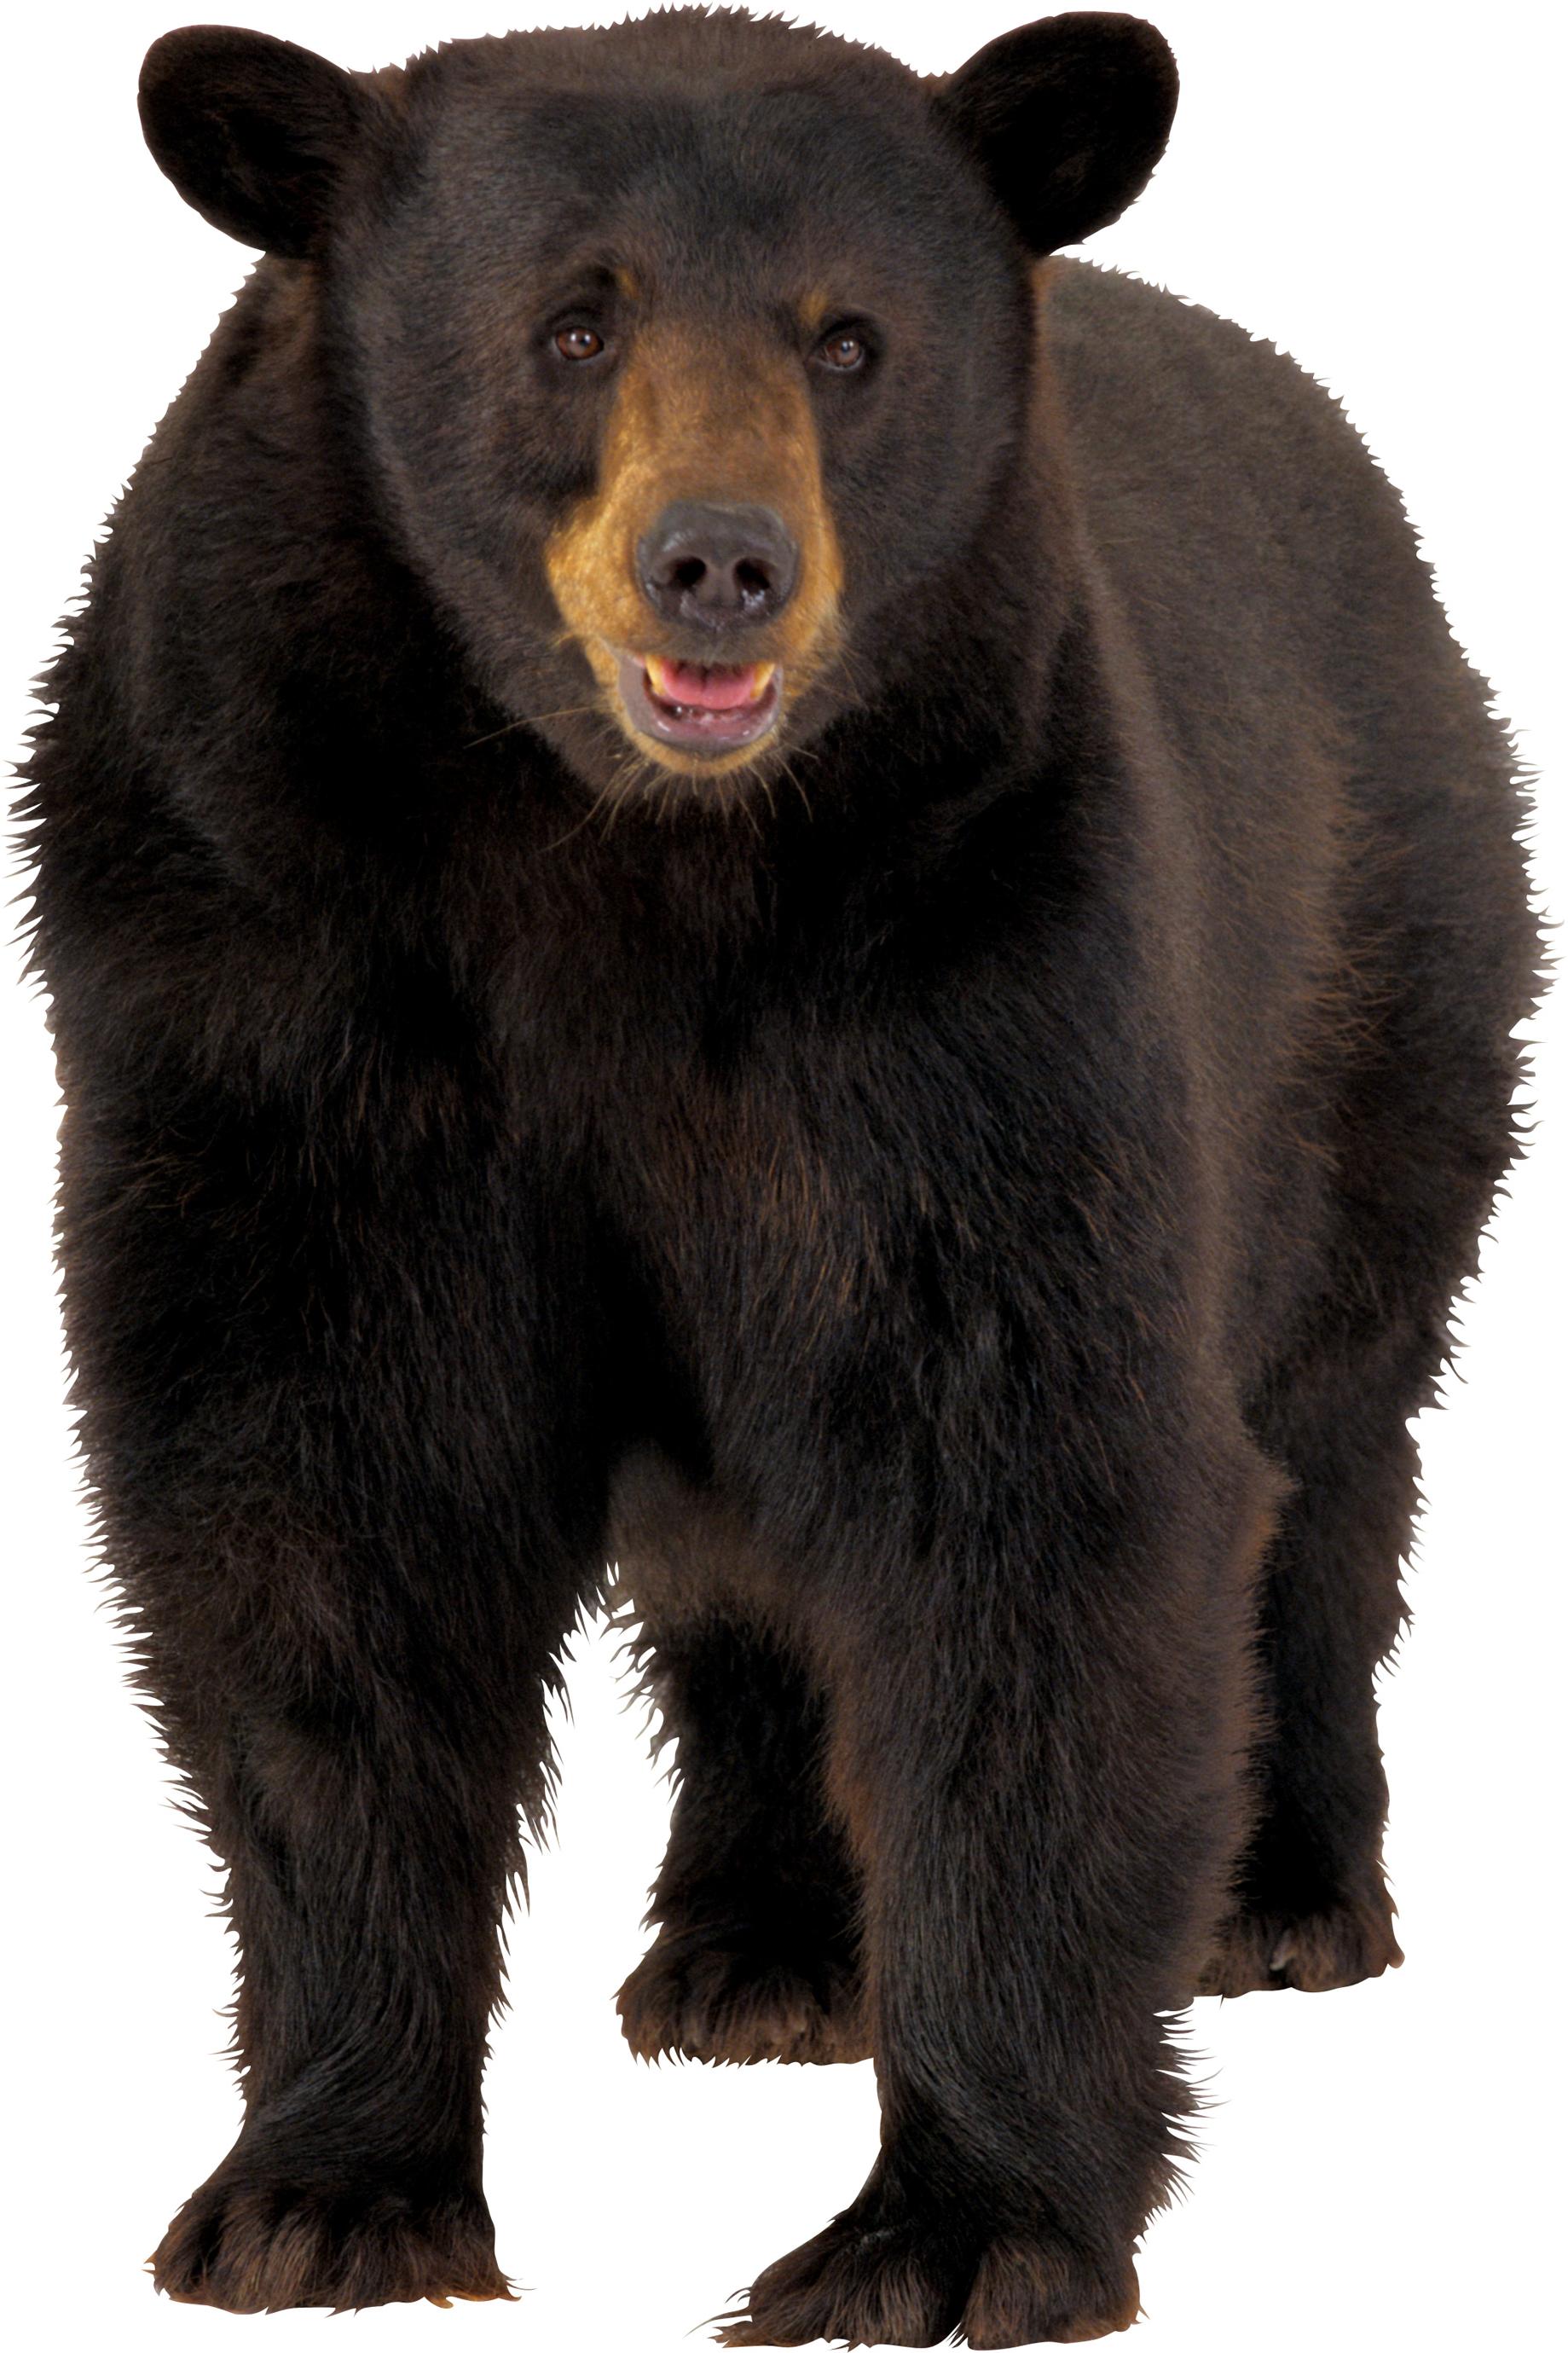 Png transparent background recherche. Ducks clipart brown bear